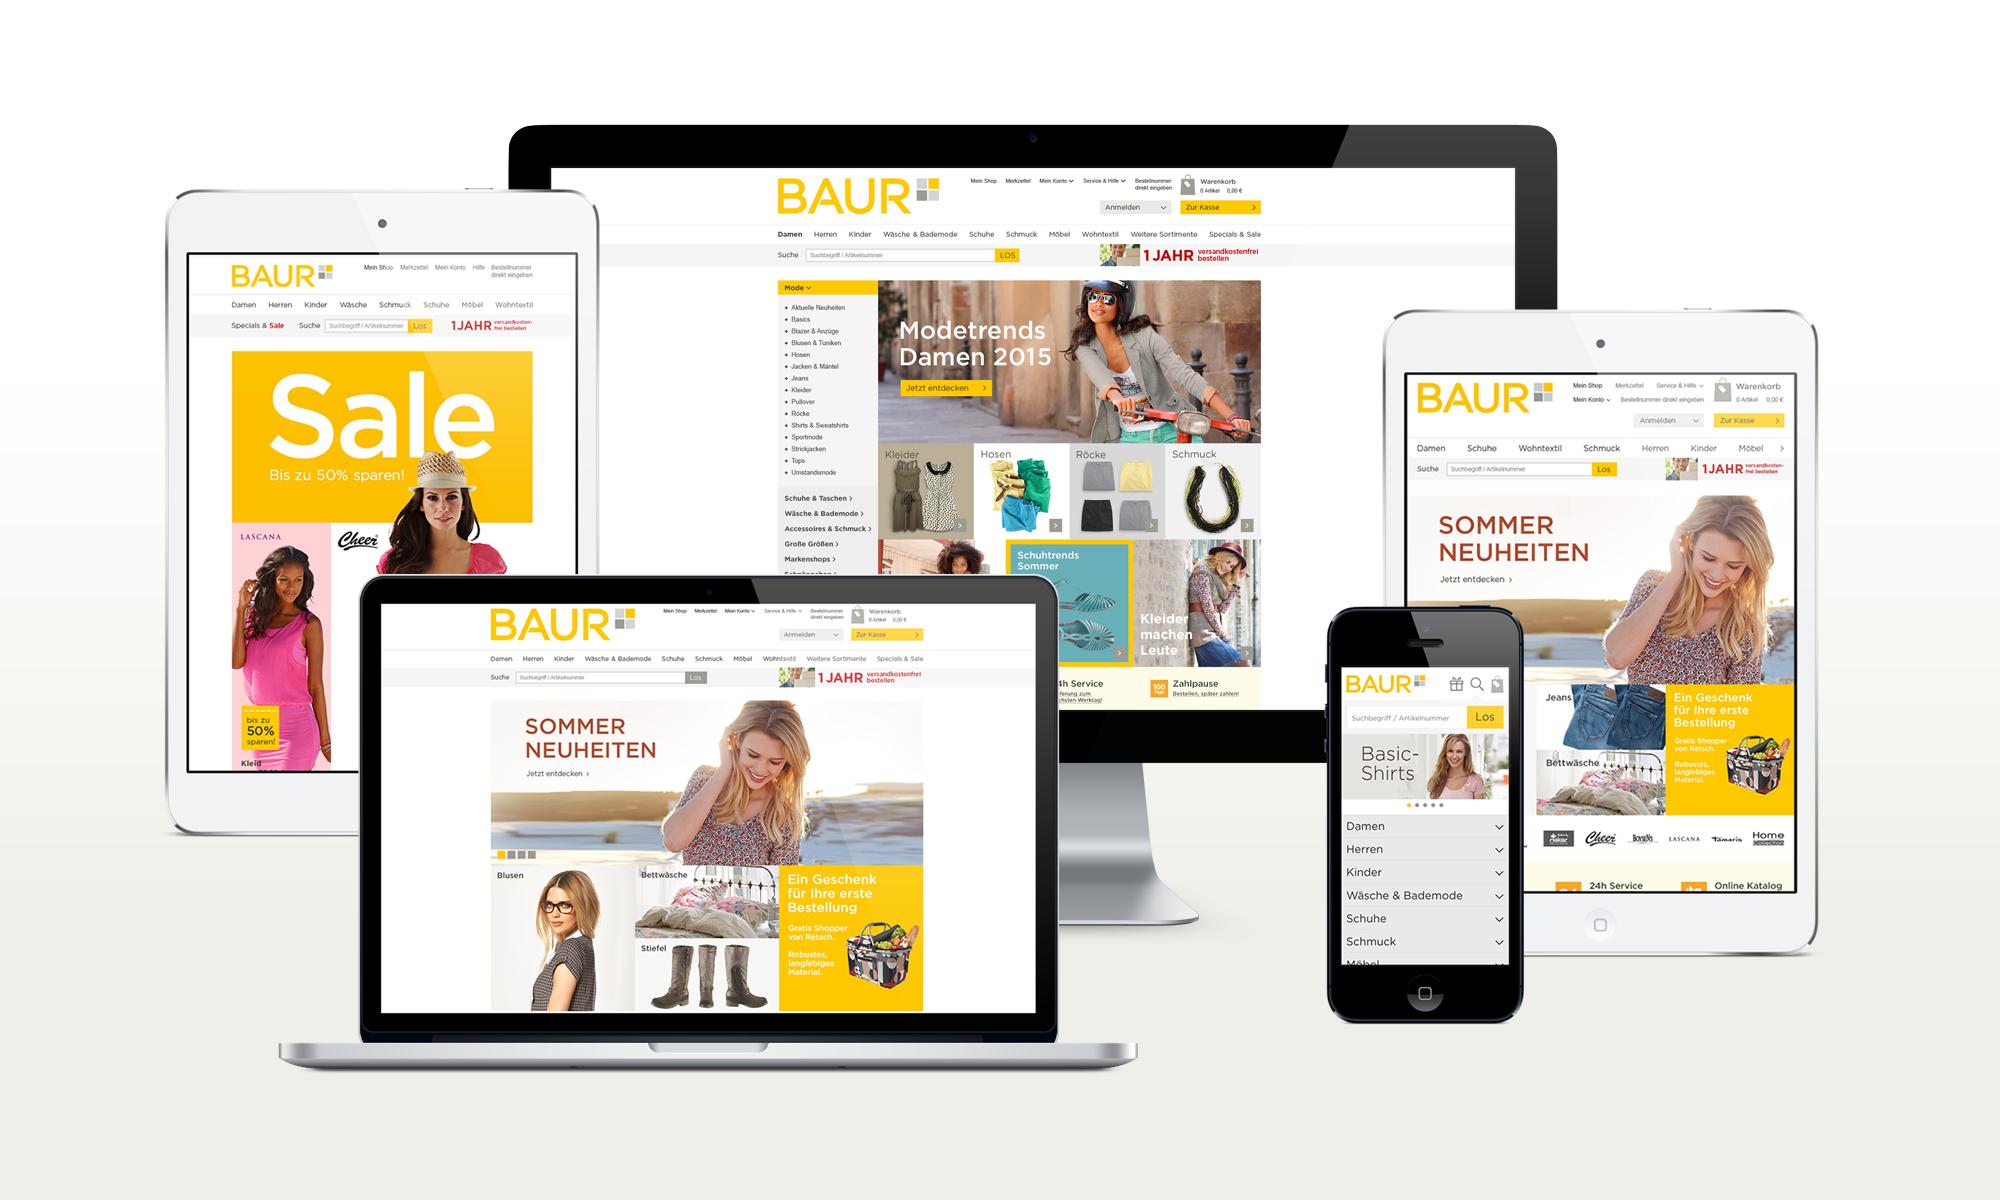 baur katalog online baur with baur katalog online gallery of baur gutschein with baur katalog. Black Bedroom Furniture Sets. Home Design Ideas